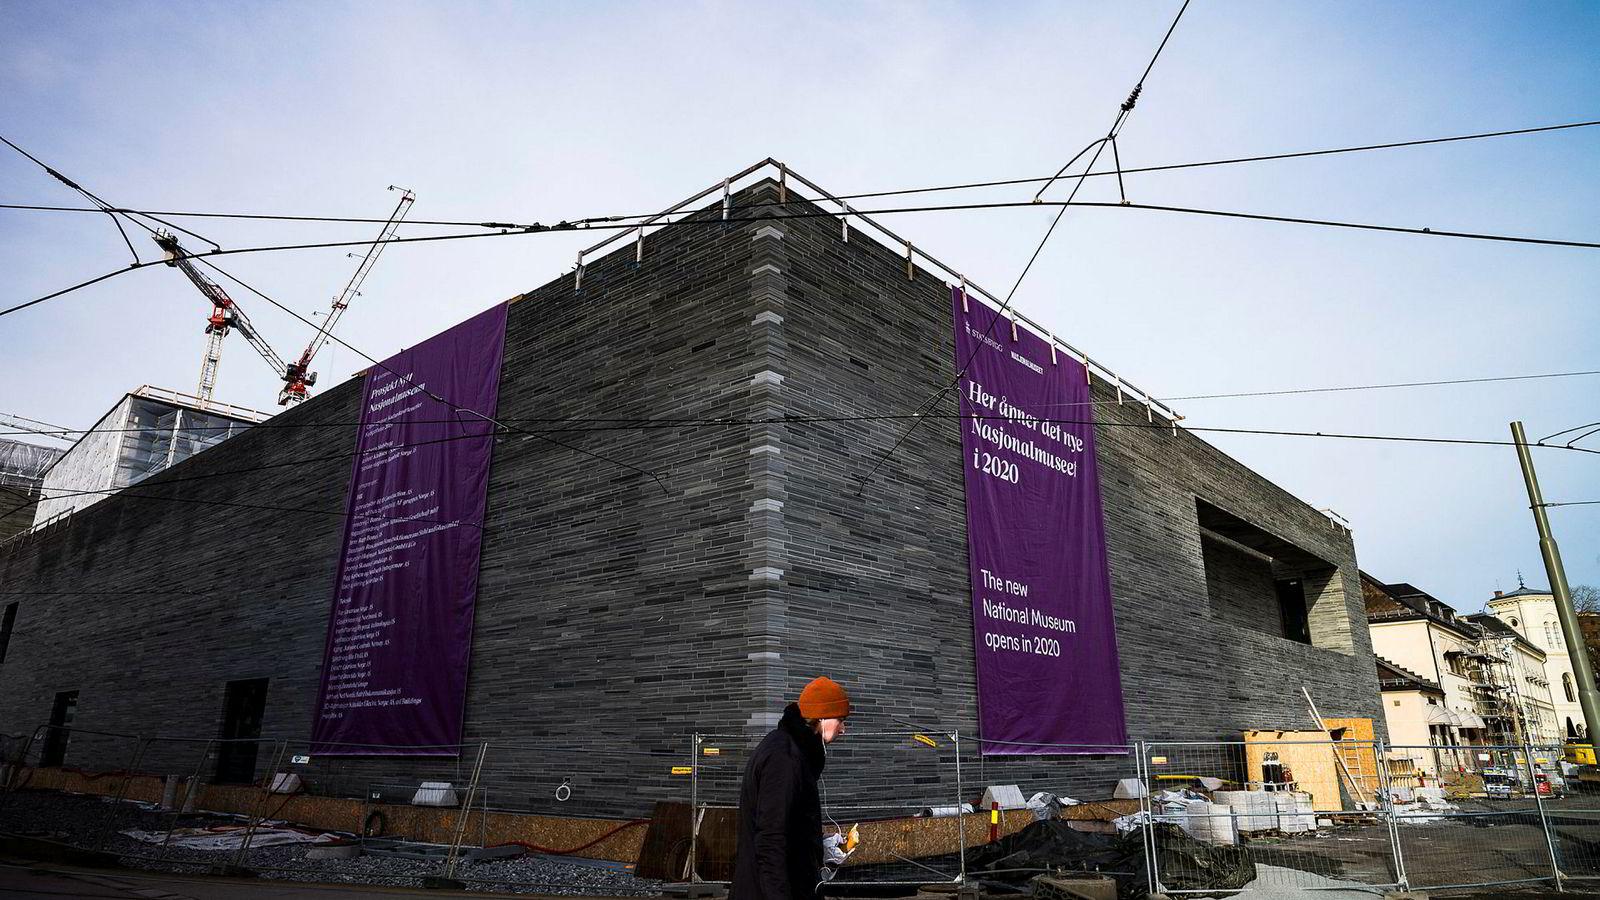 Arkitekt Klaus Schuwerk har de siste årene tegnet Nasjonalmuseet. Nå er han bekymret for hvordan det skal se ut. Nasjonalmuseet vil nemlig skilte fasaden med skilt Schuwerk ikke liker. De vil også ha fem meter brede skjermer i foajeen.